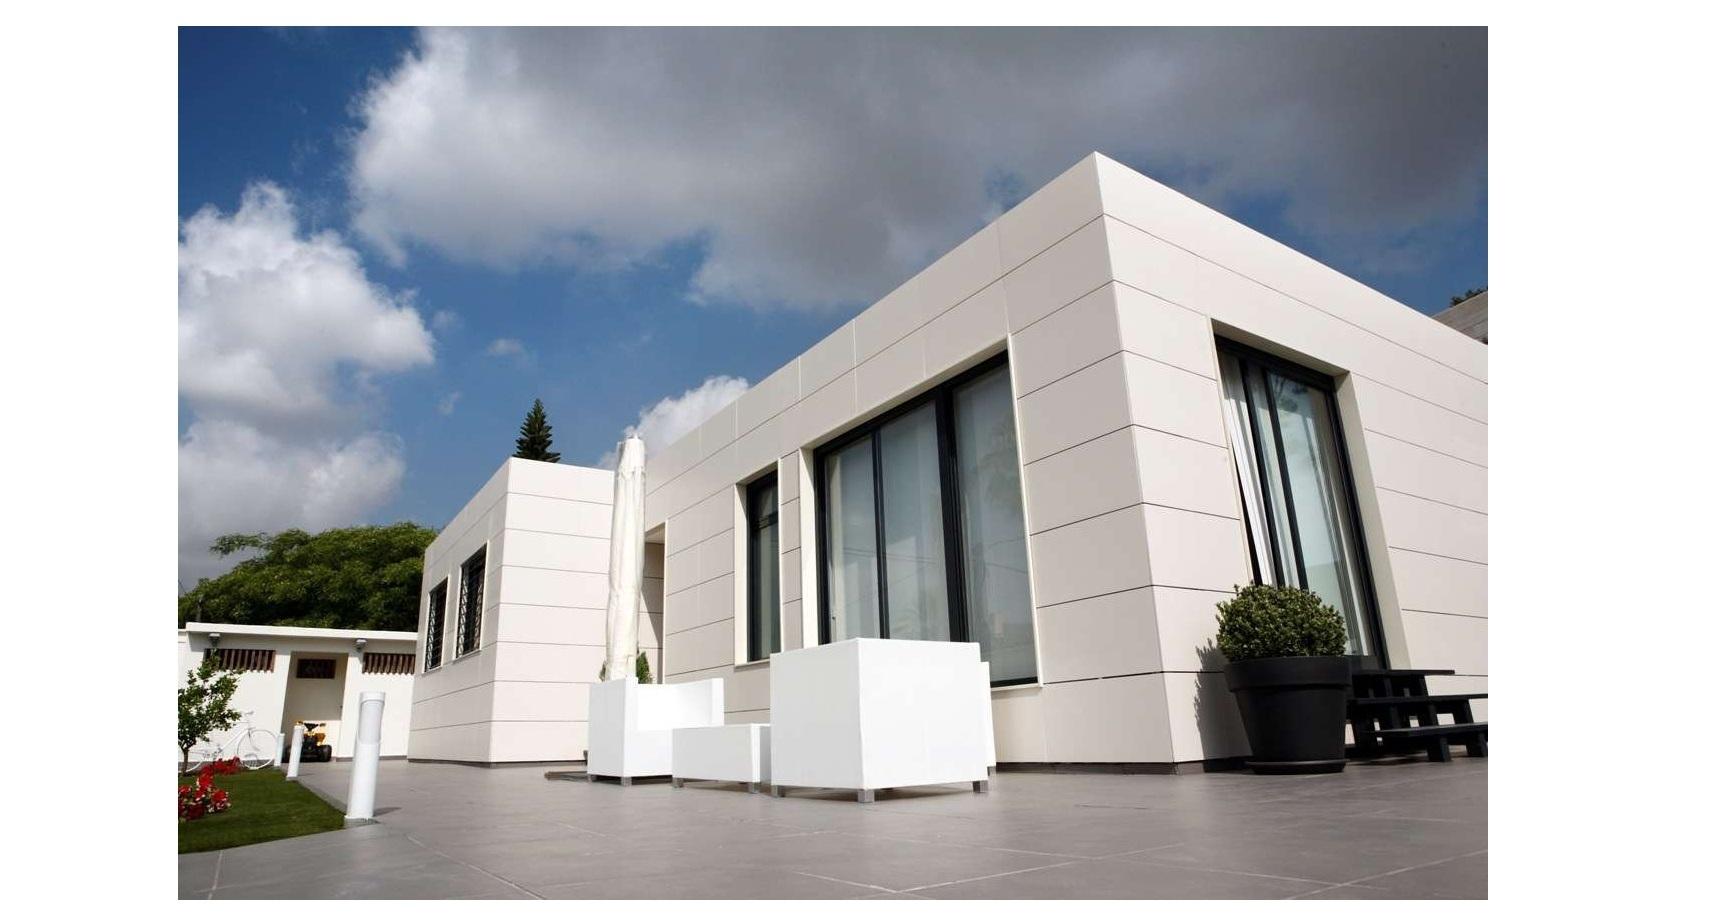 Casas prefabricadas 2017 consulta - Casas cubo prefabricadas ...